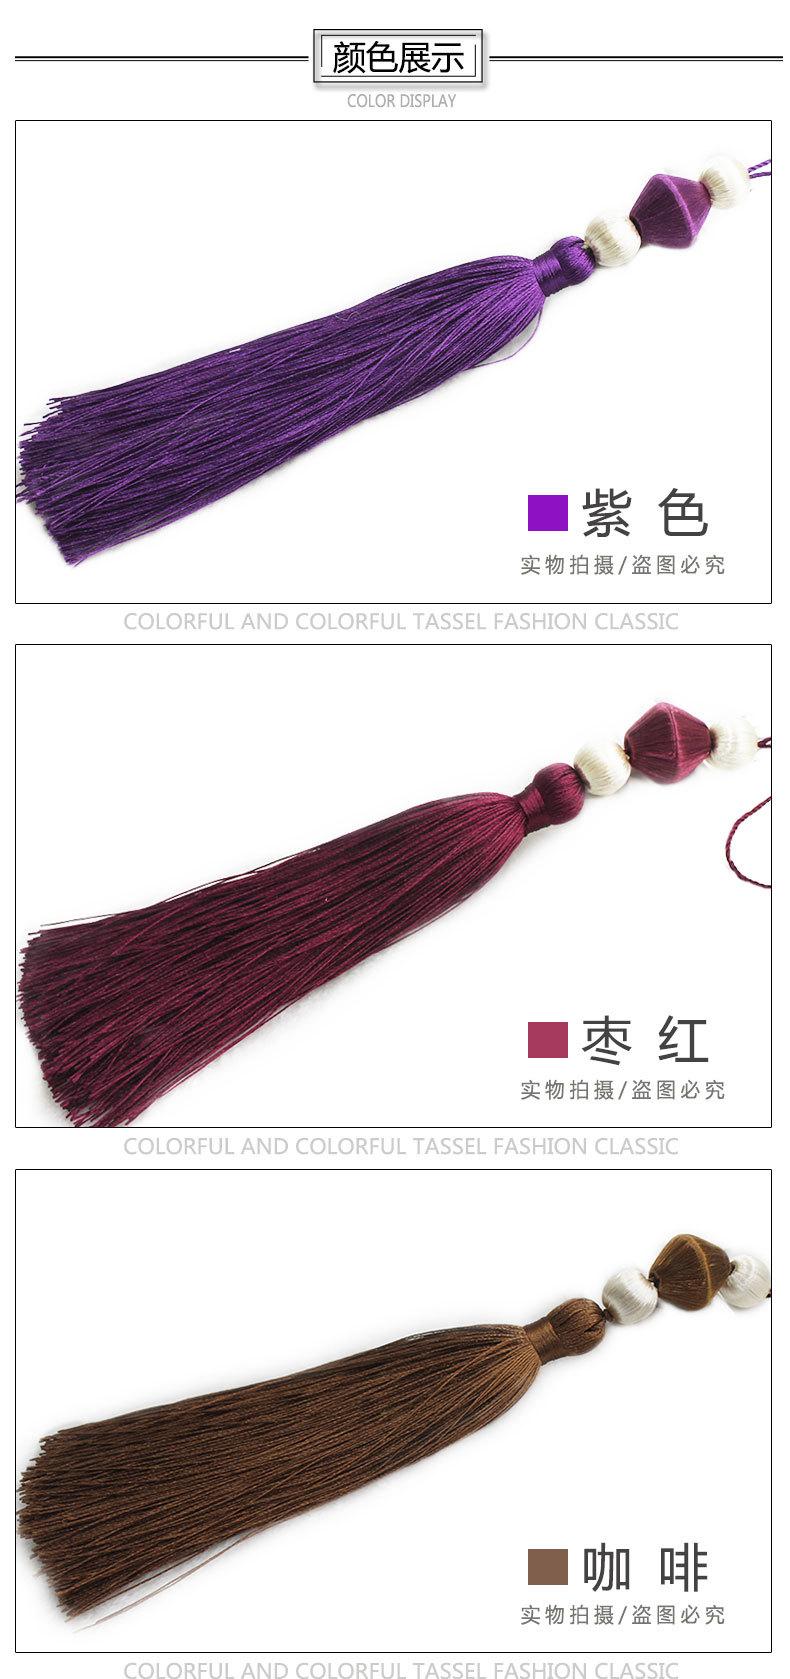 sợi tua Giá trị hiện thời ưa thích (dây dây thừng) treo cổ dài và nhỏ